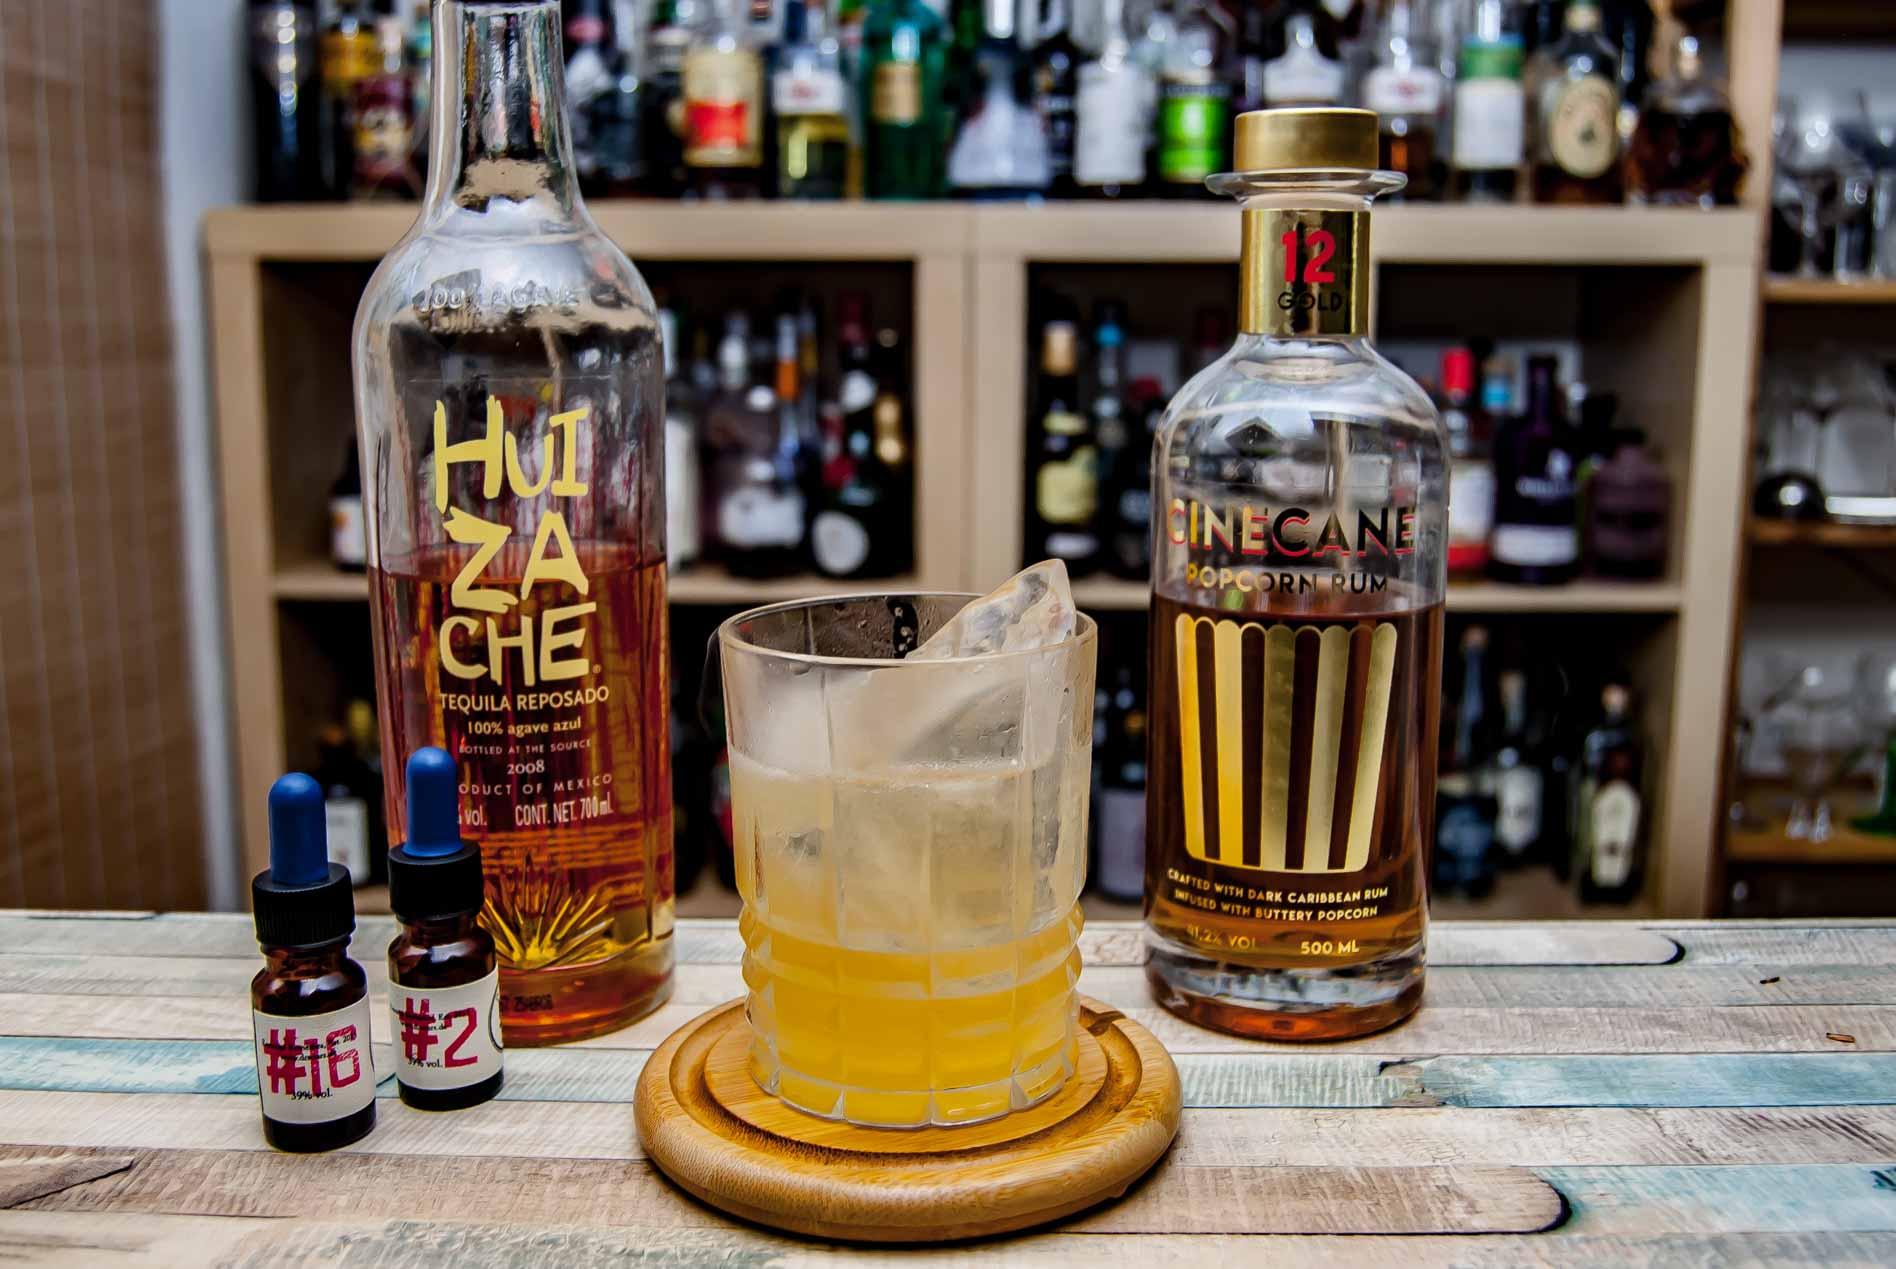 Cinecane Gold im Cine Jalisco mit Tequila und mexikanischen Bitters.